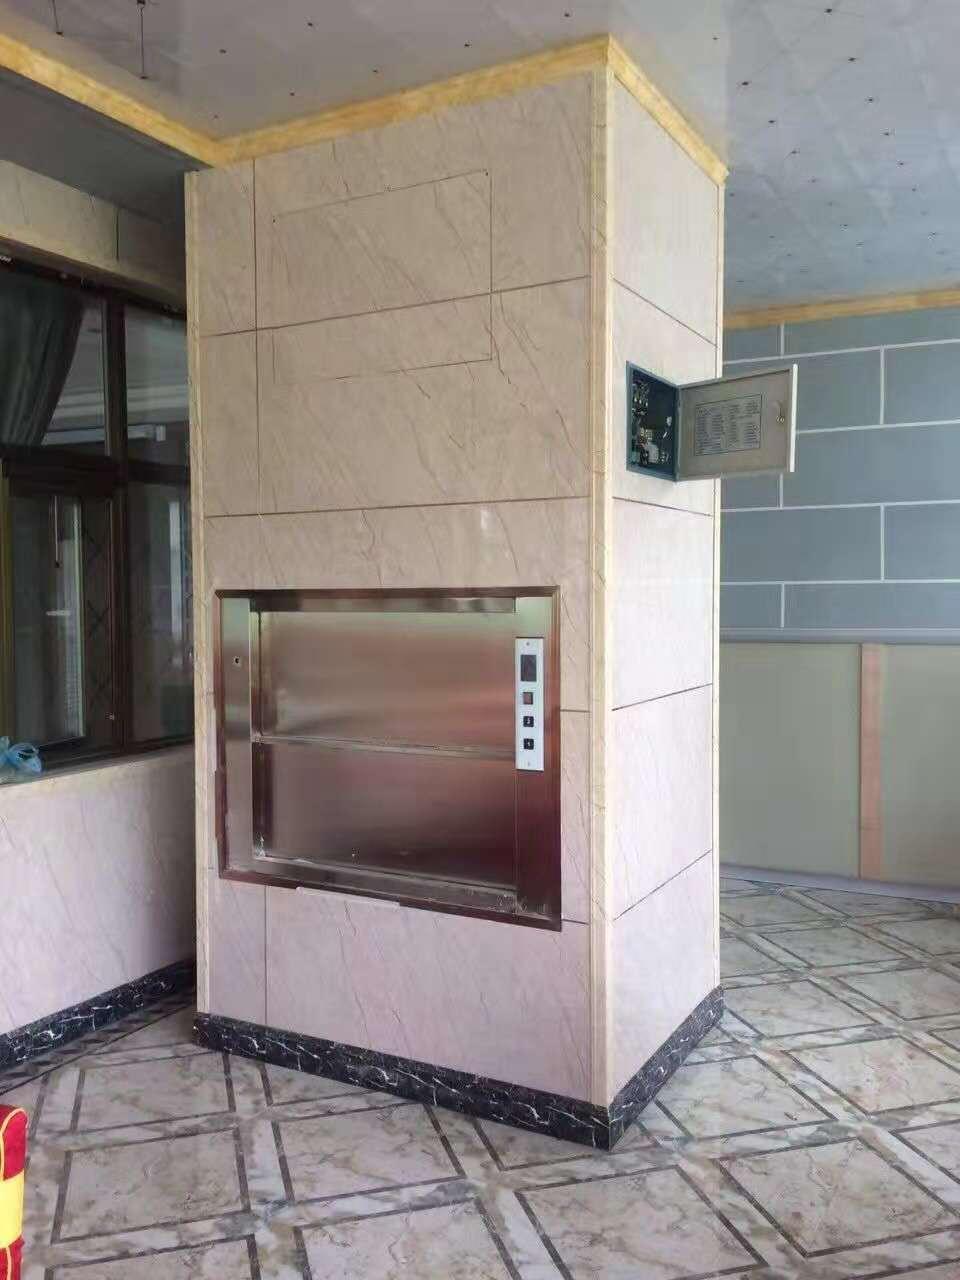 克孜勒蘇柯爾克孜烏魯木齊幼兒園食梯圖片-新疆高質量的傳菜電梯銷售